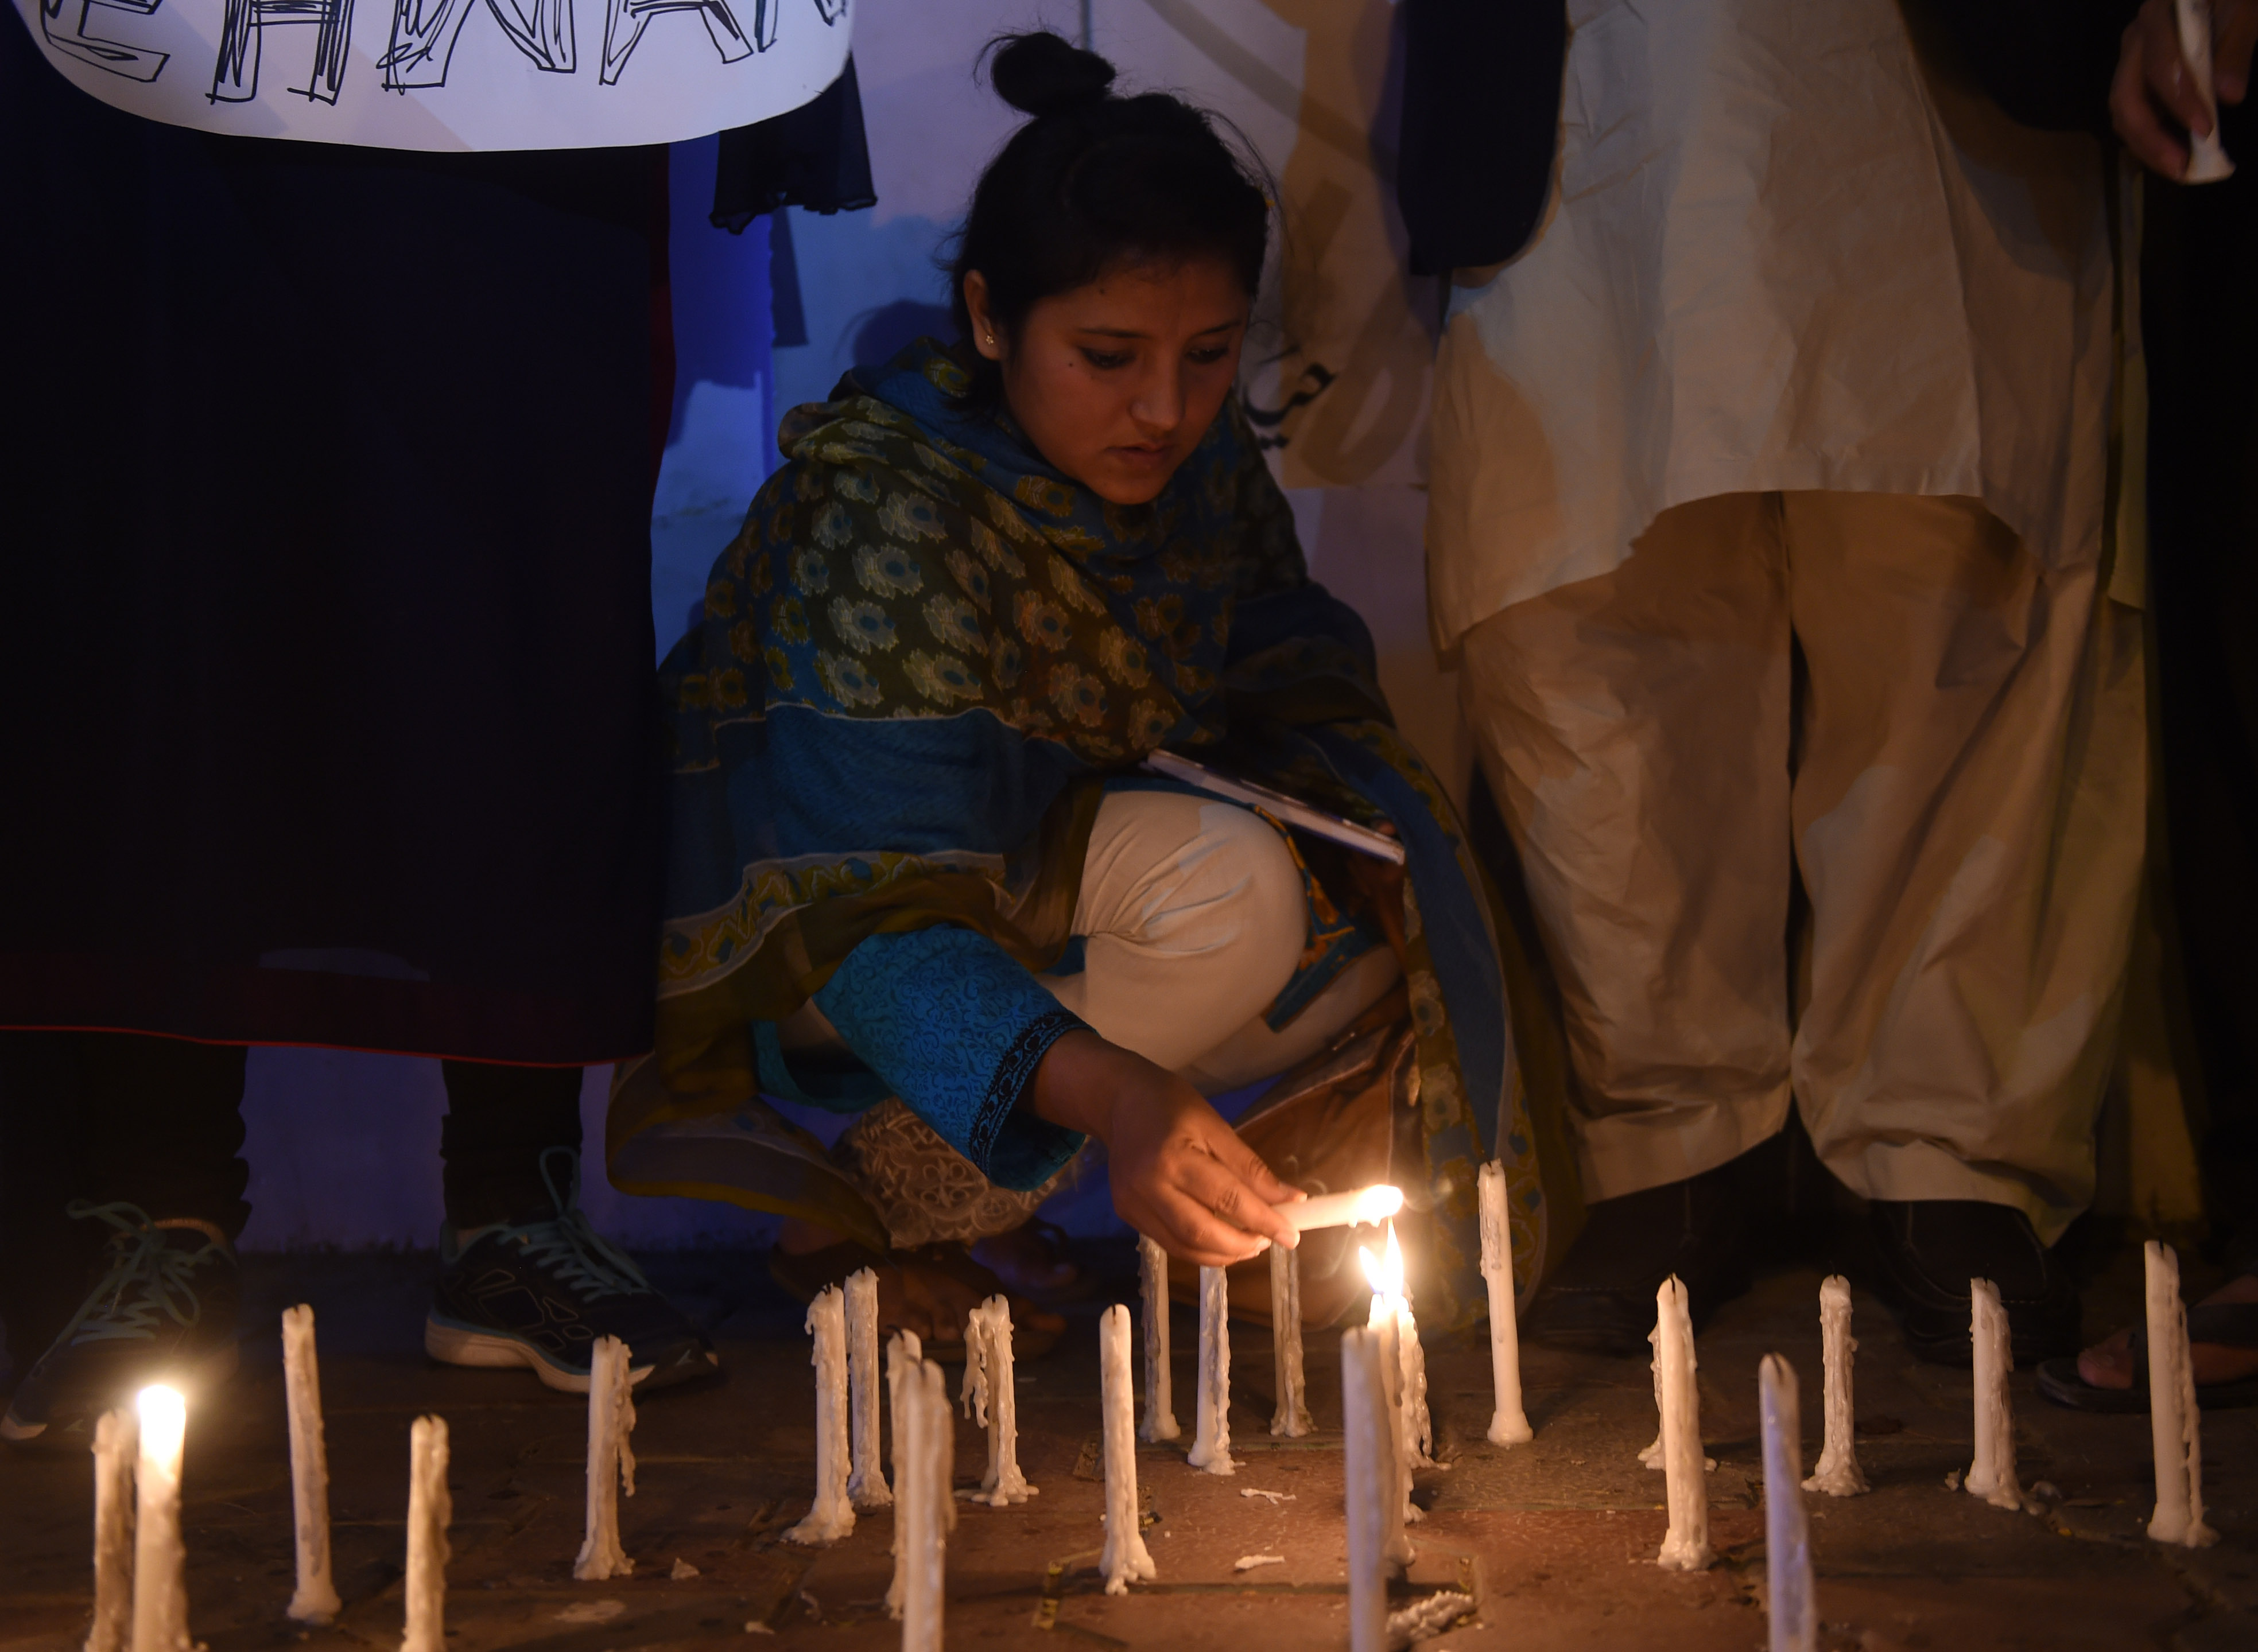 باكستان تشيع ضحايا تفجيرات تنظيم داعش الإرهابى